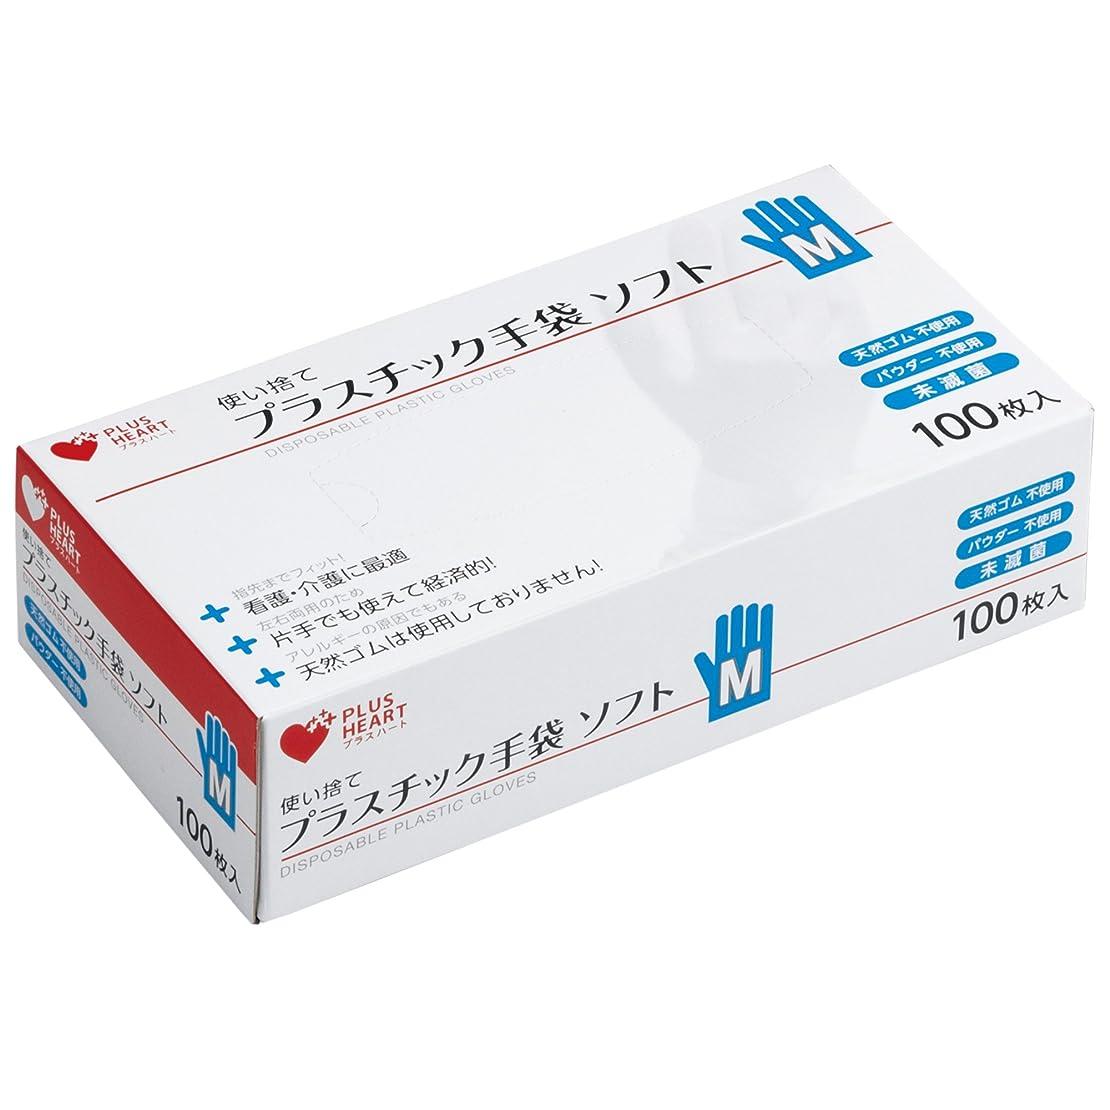 派生する化学薬品シマウマオオサキメディカル プラスハート 使い捨てプラスチック手袋 ソフト Mサイズ 100枚入